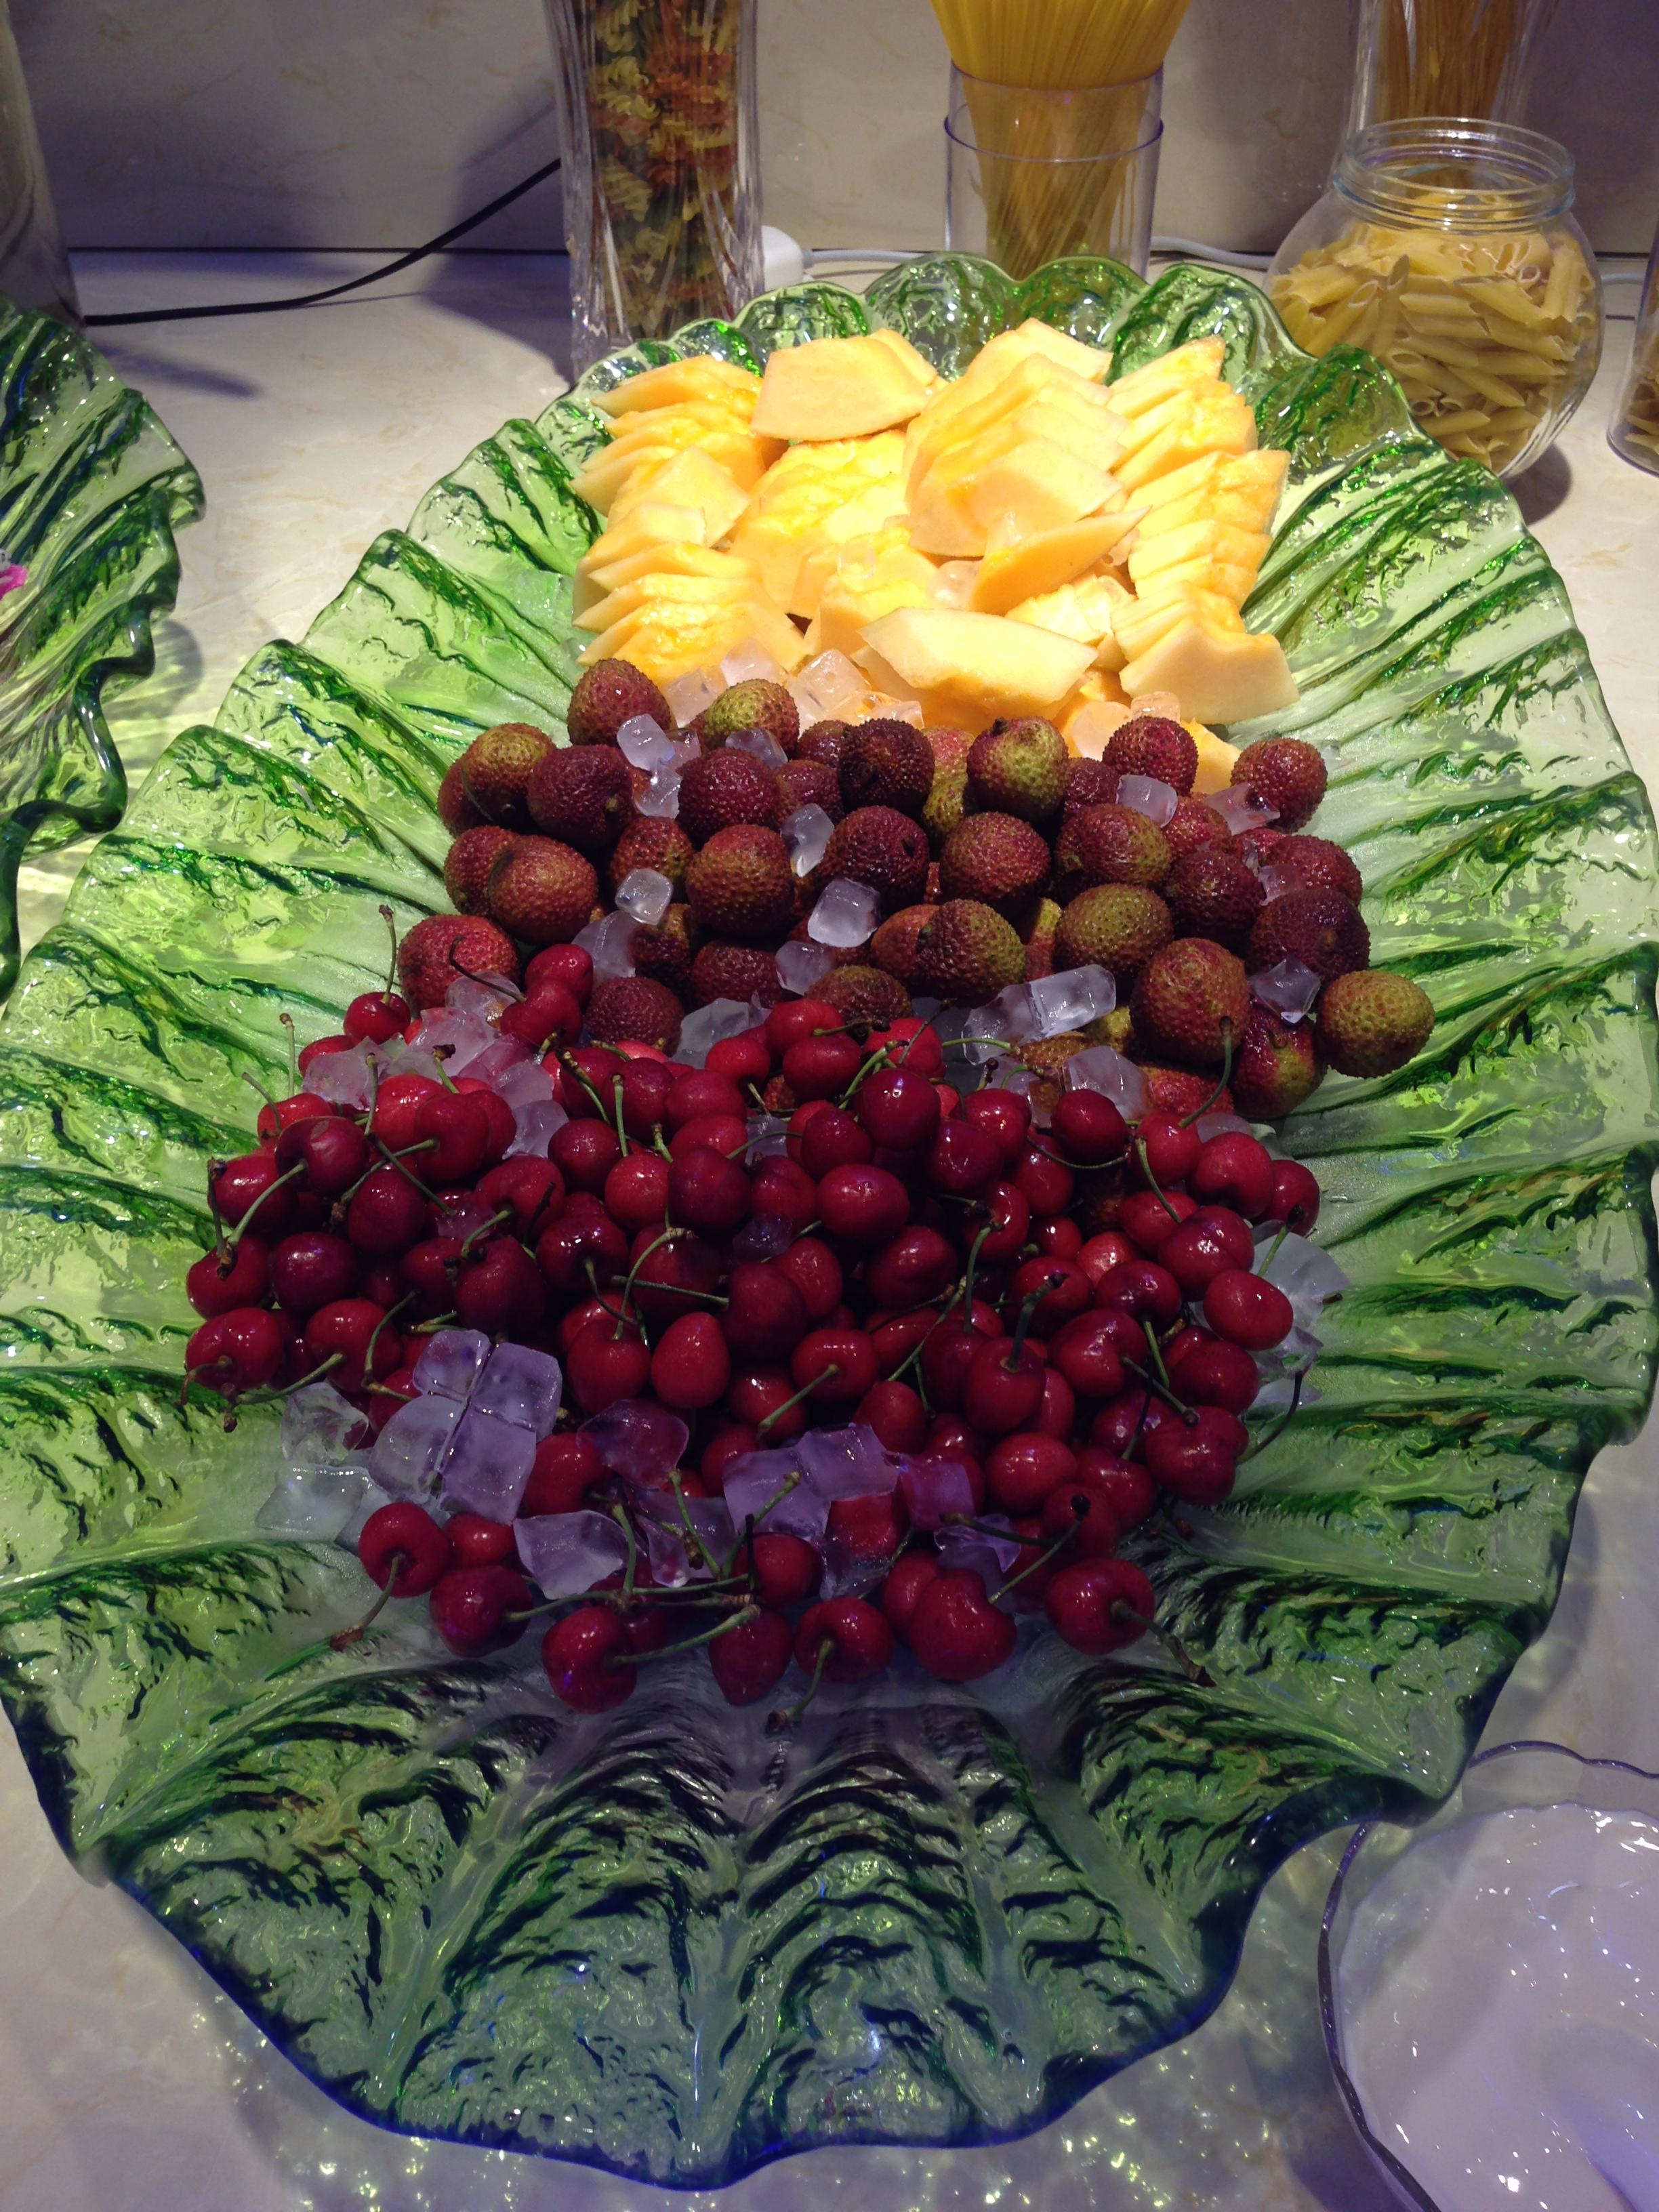 水果加鲜花图片素材